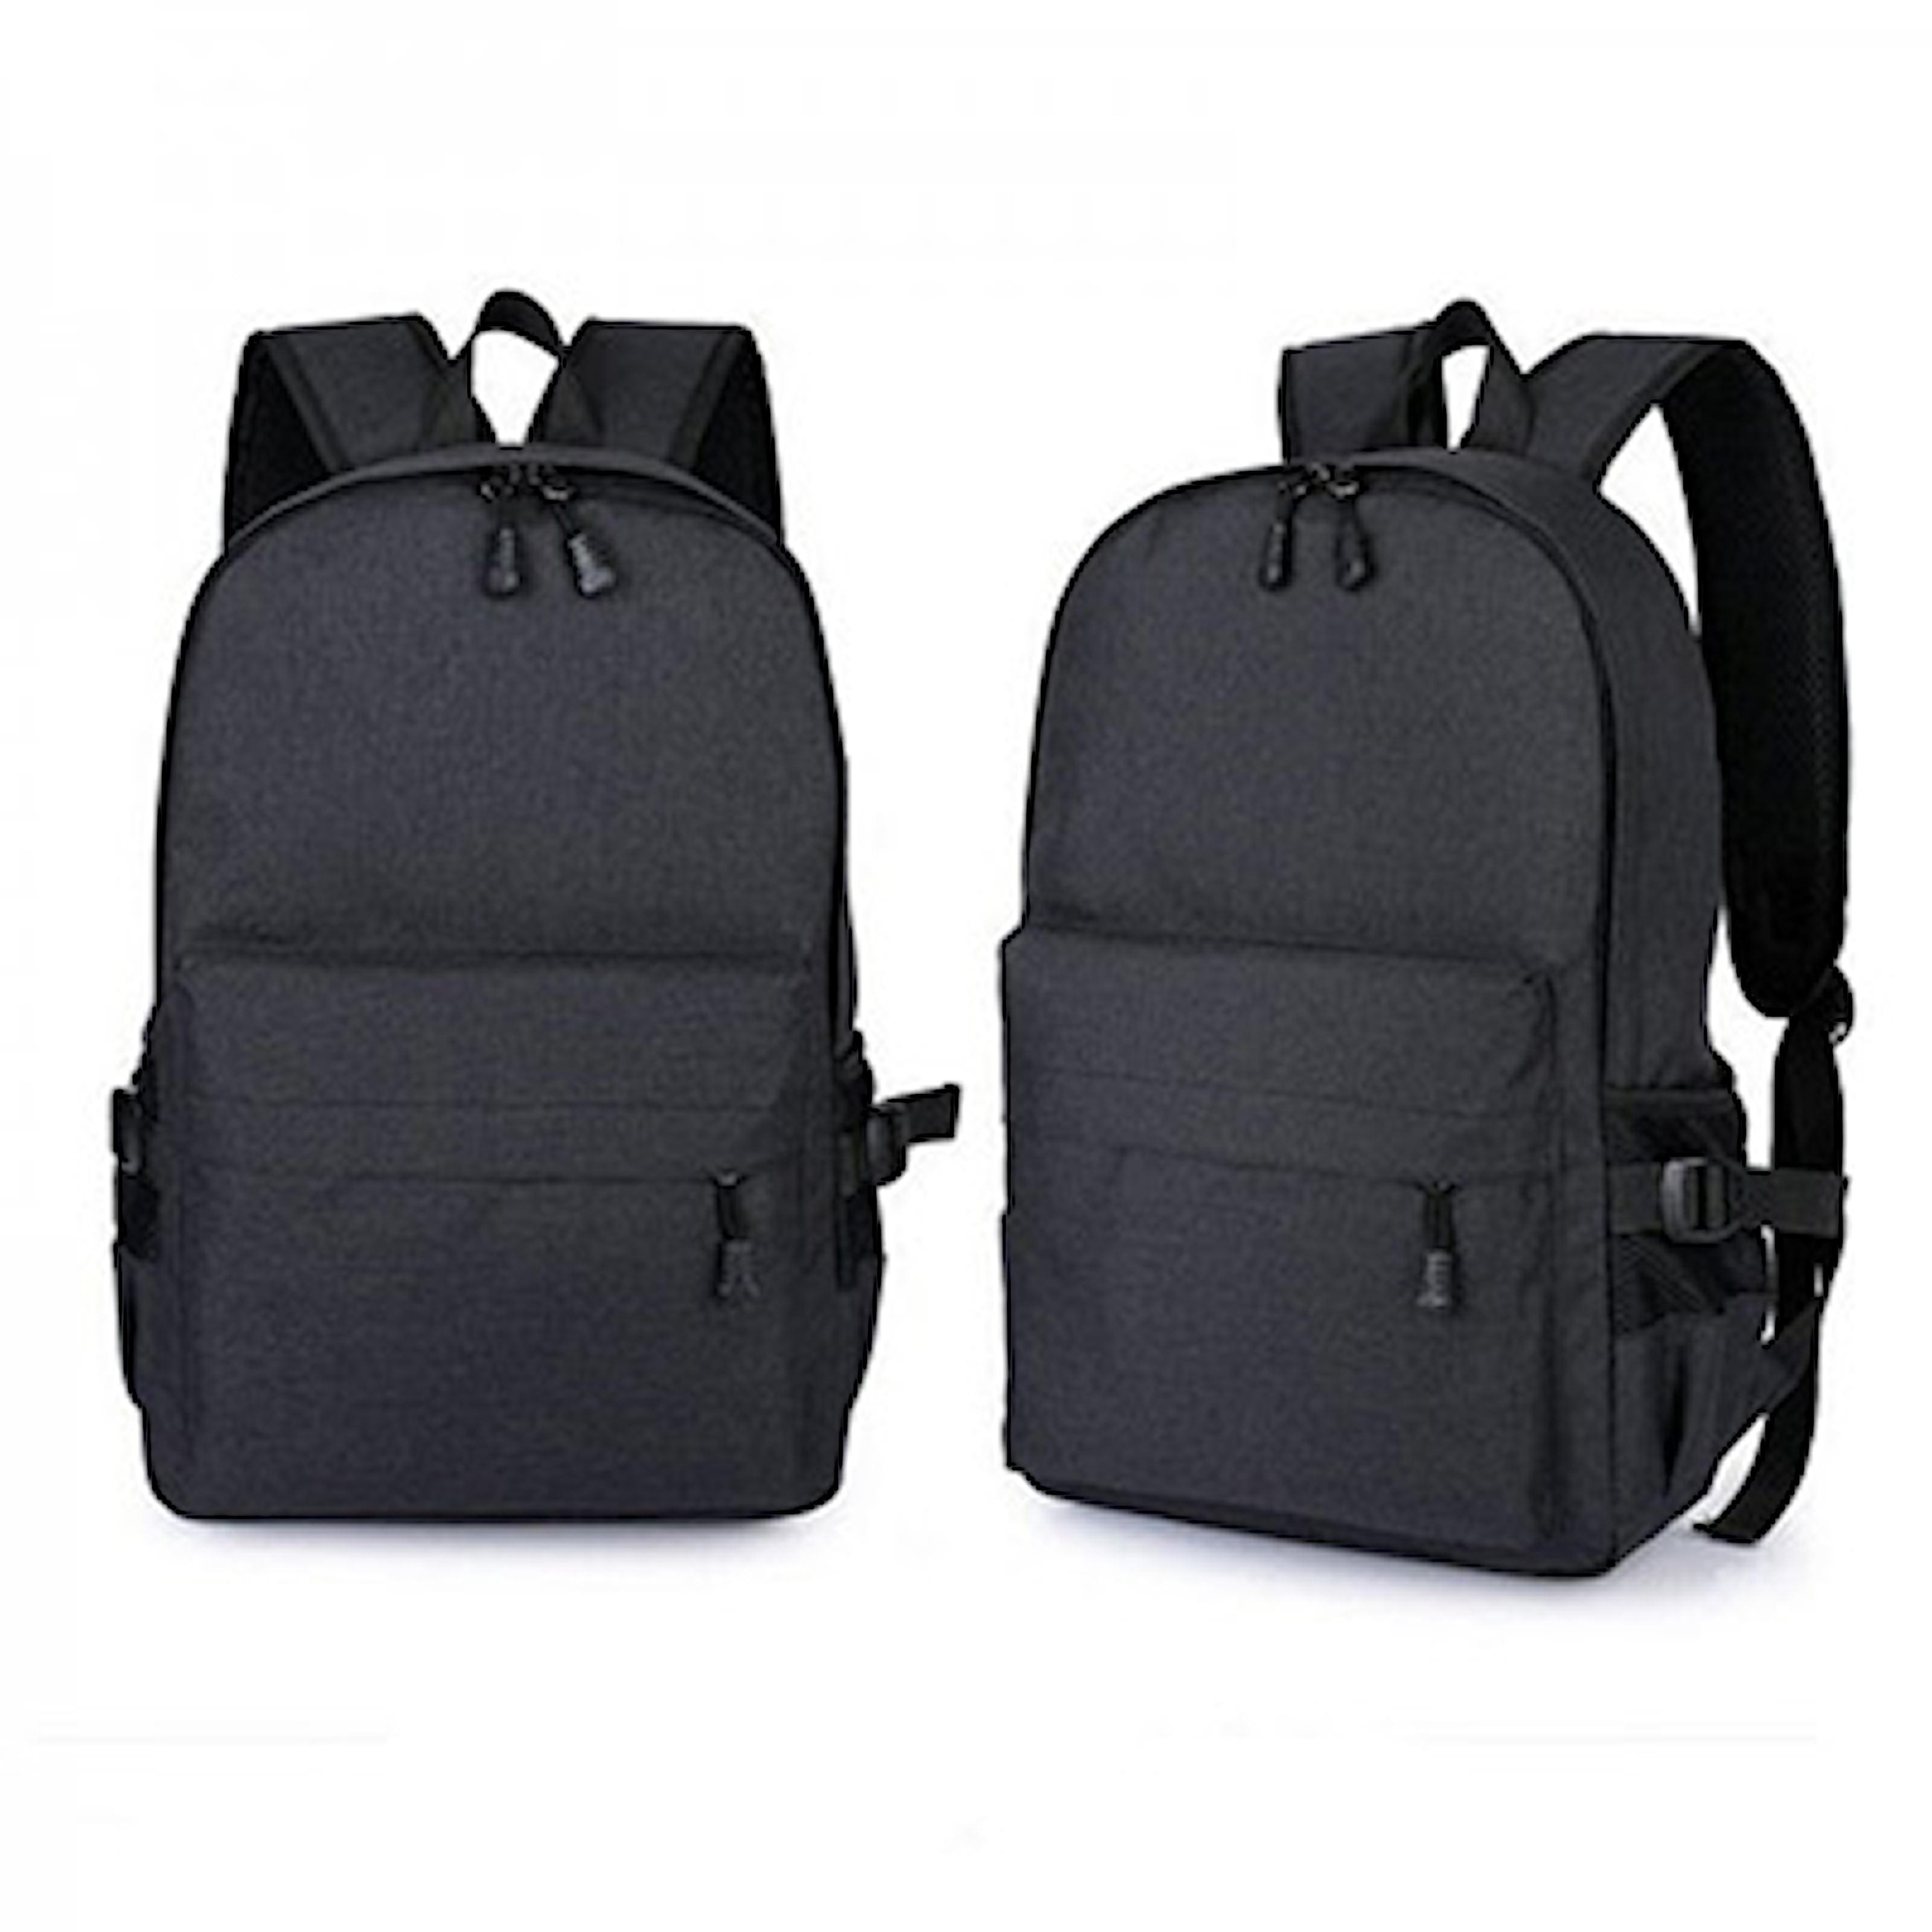 Svart, Unisex Anti-Theft Laptop Backpack, Tyverisikker ryggsekk, ,